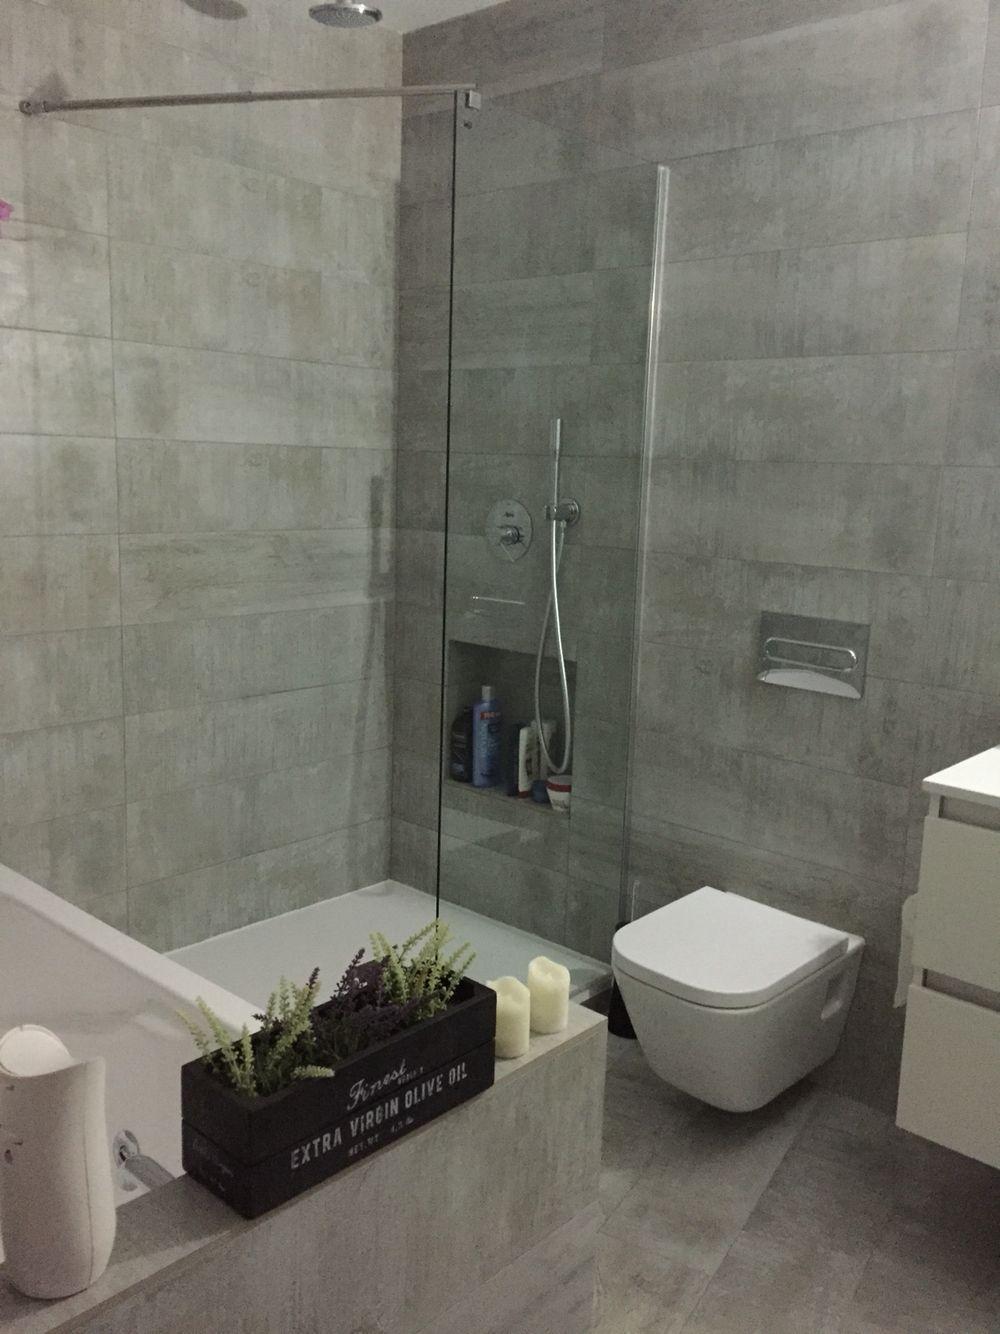 Ba o grande con ba era y plato de ducha baldosas en suelo - Decoracion banos con plato de ducha ...